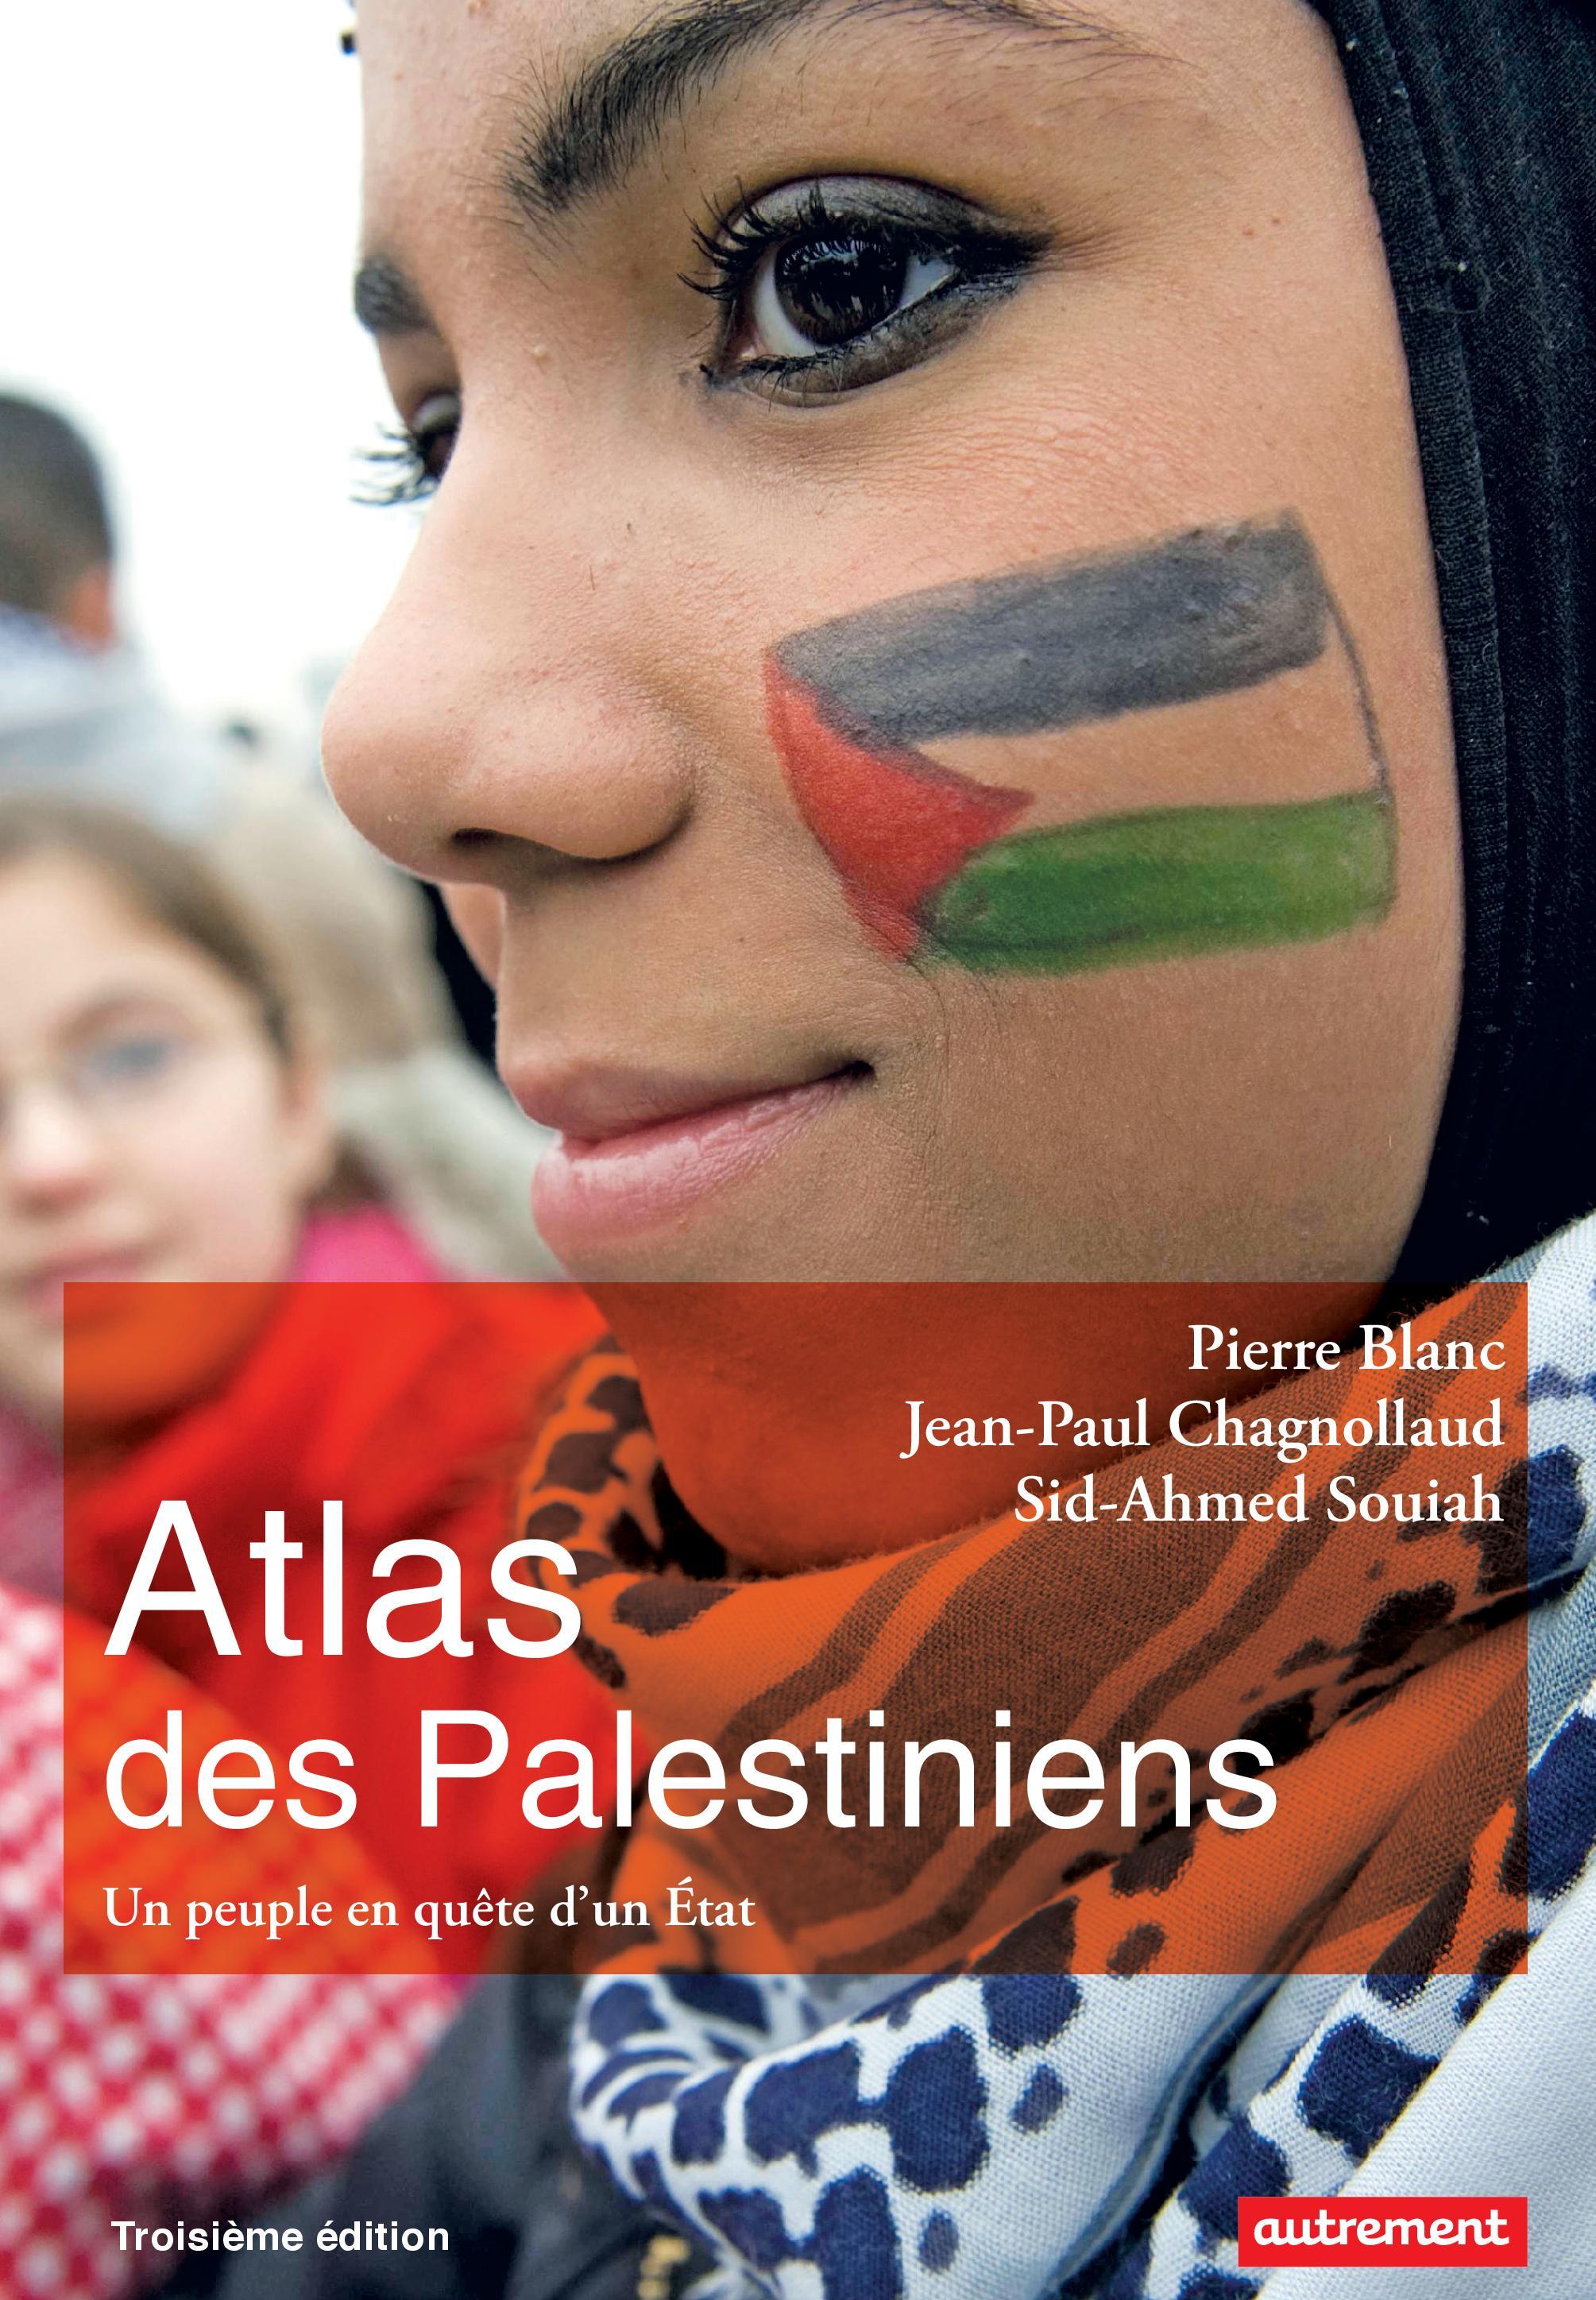 Atlas des Palestiniens. Un peuple en quête d'un État